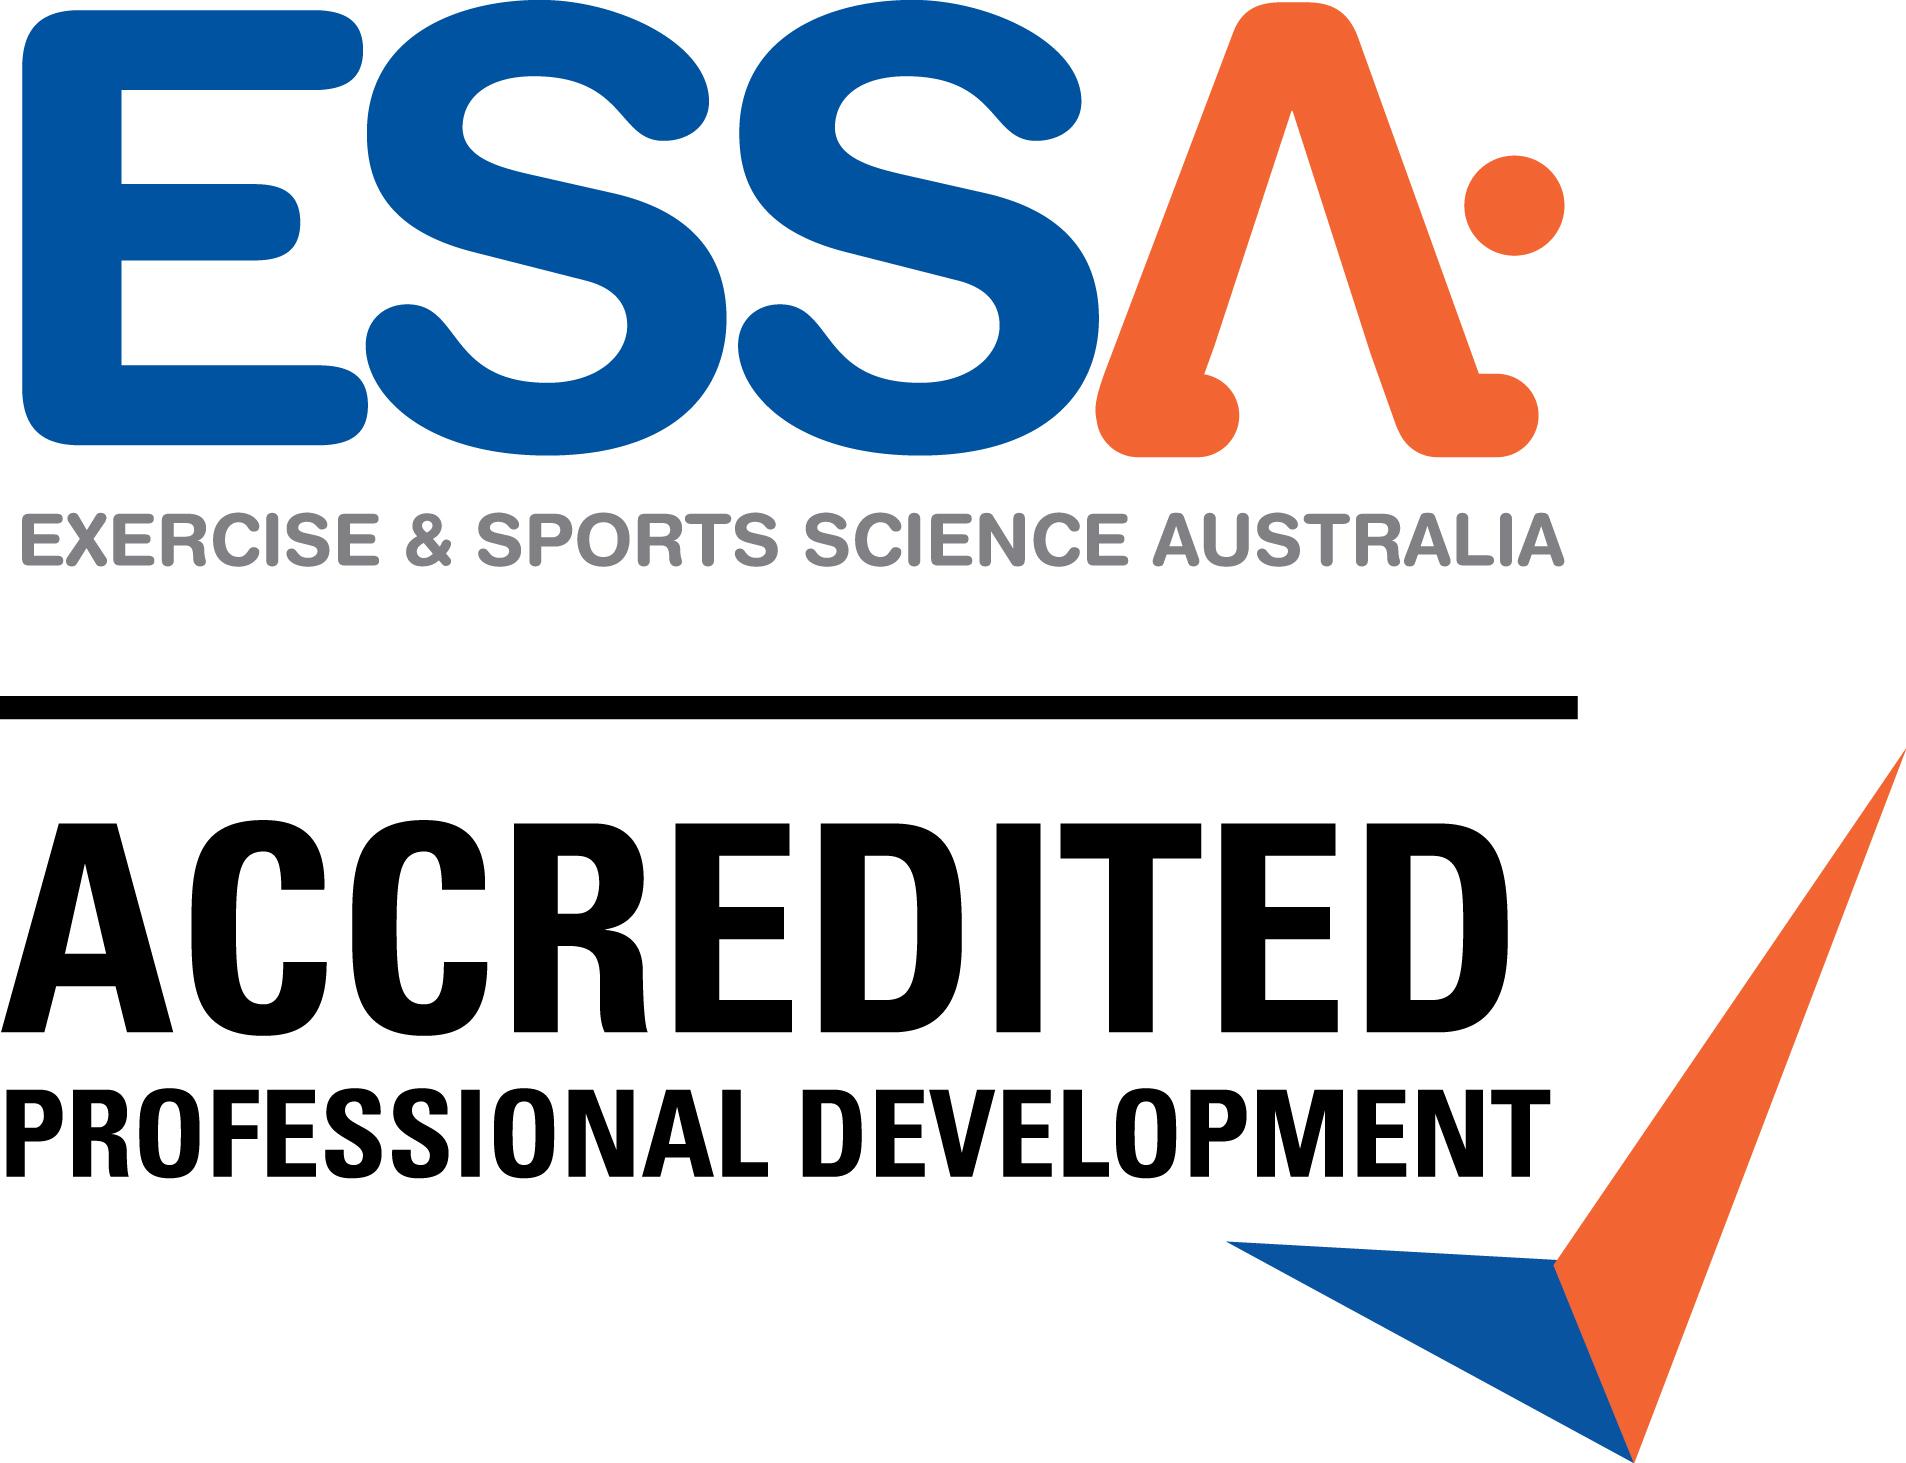 ESSA-Accredited-PD-logo_colour_Portrait